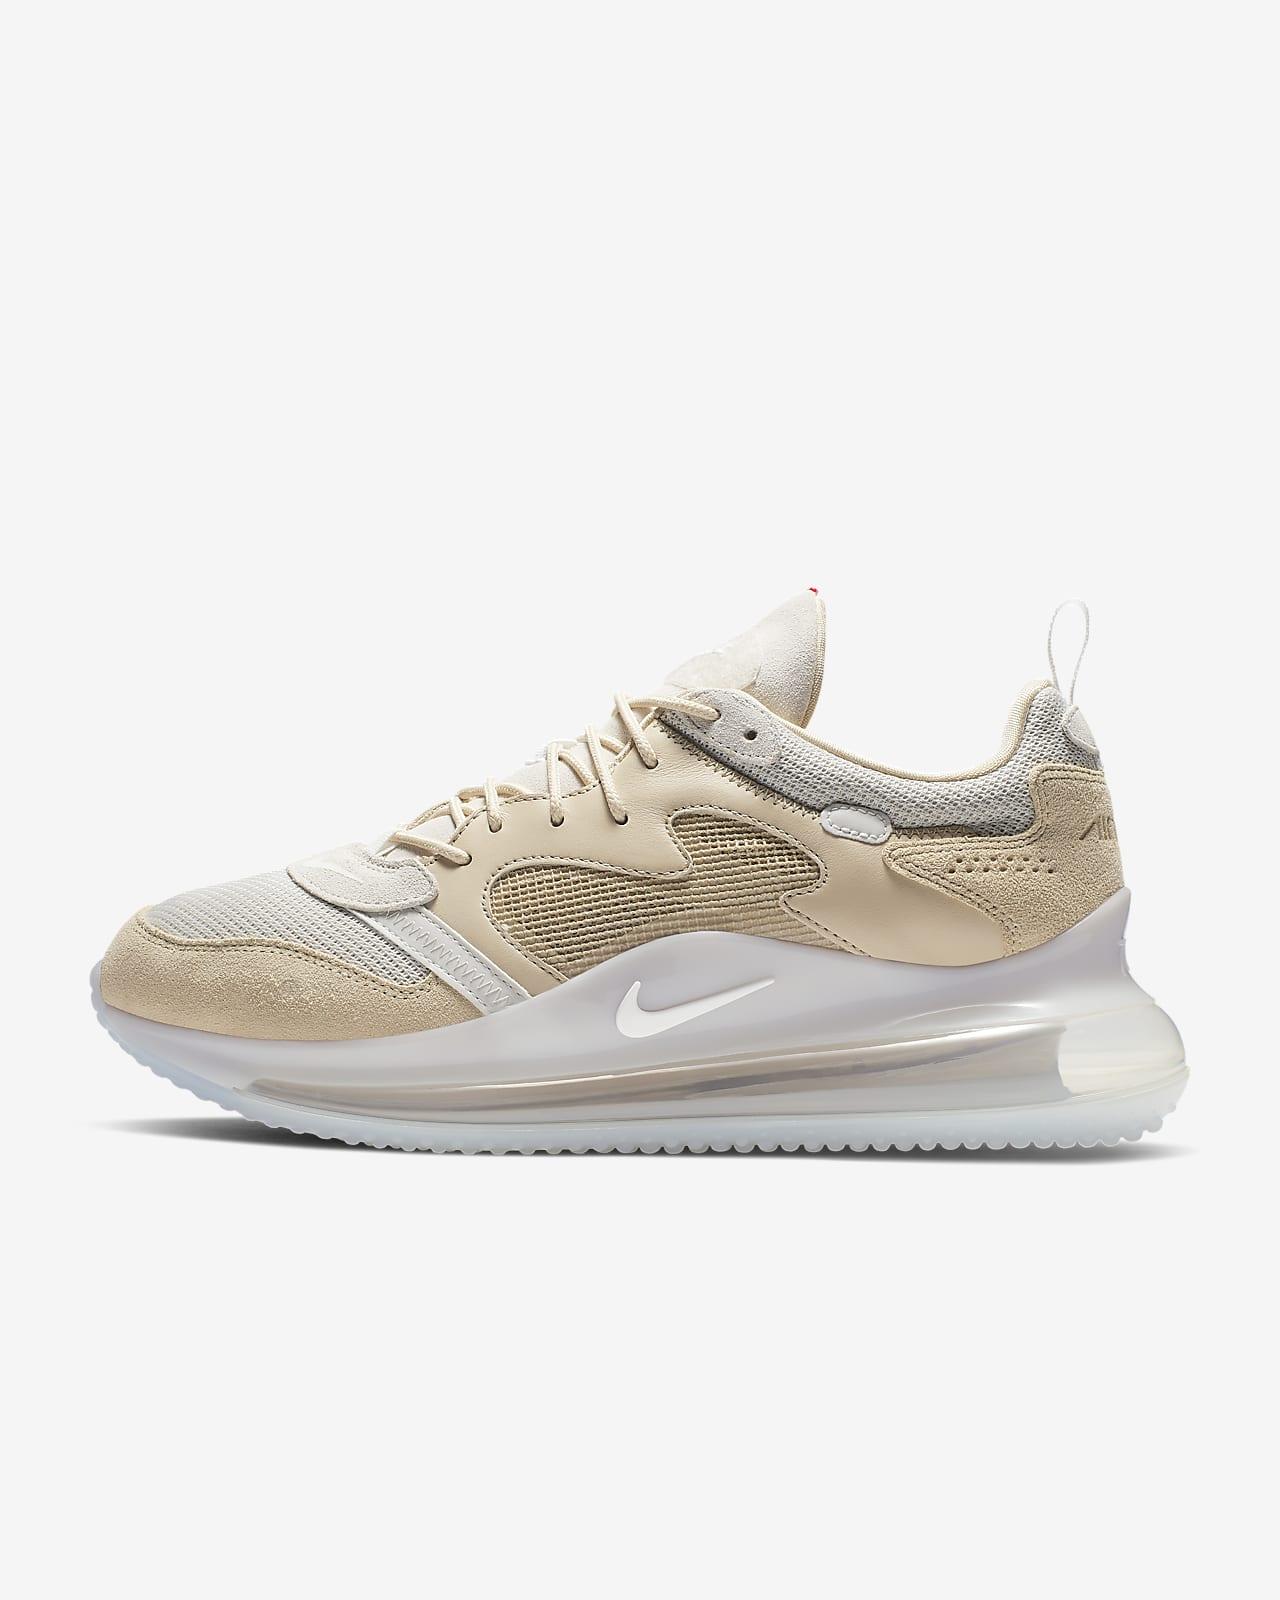 Nike Air Max 720 (OBJ) Men's Shoe. Nike LU